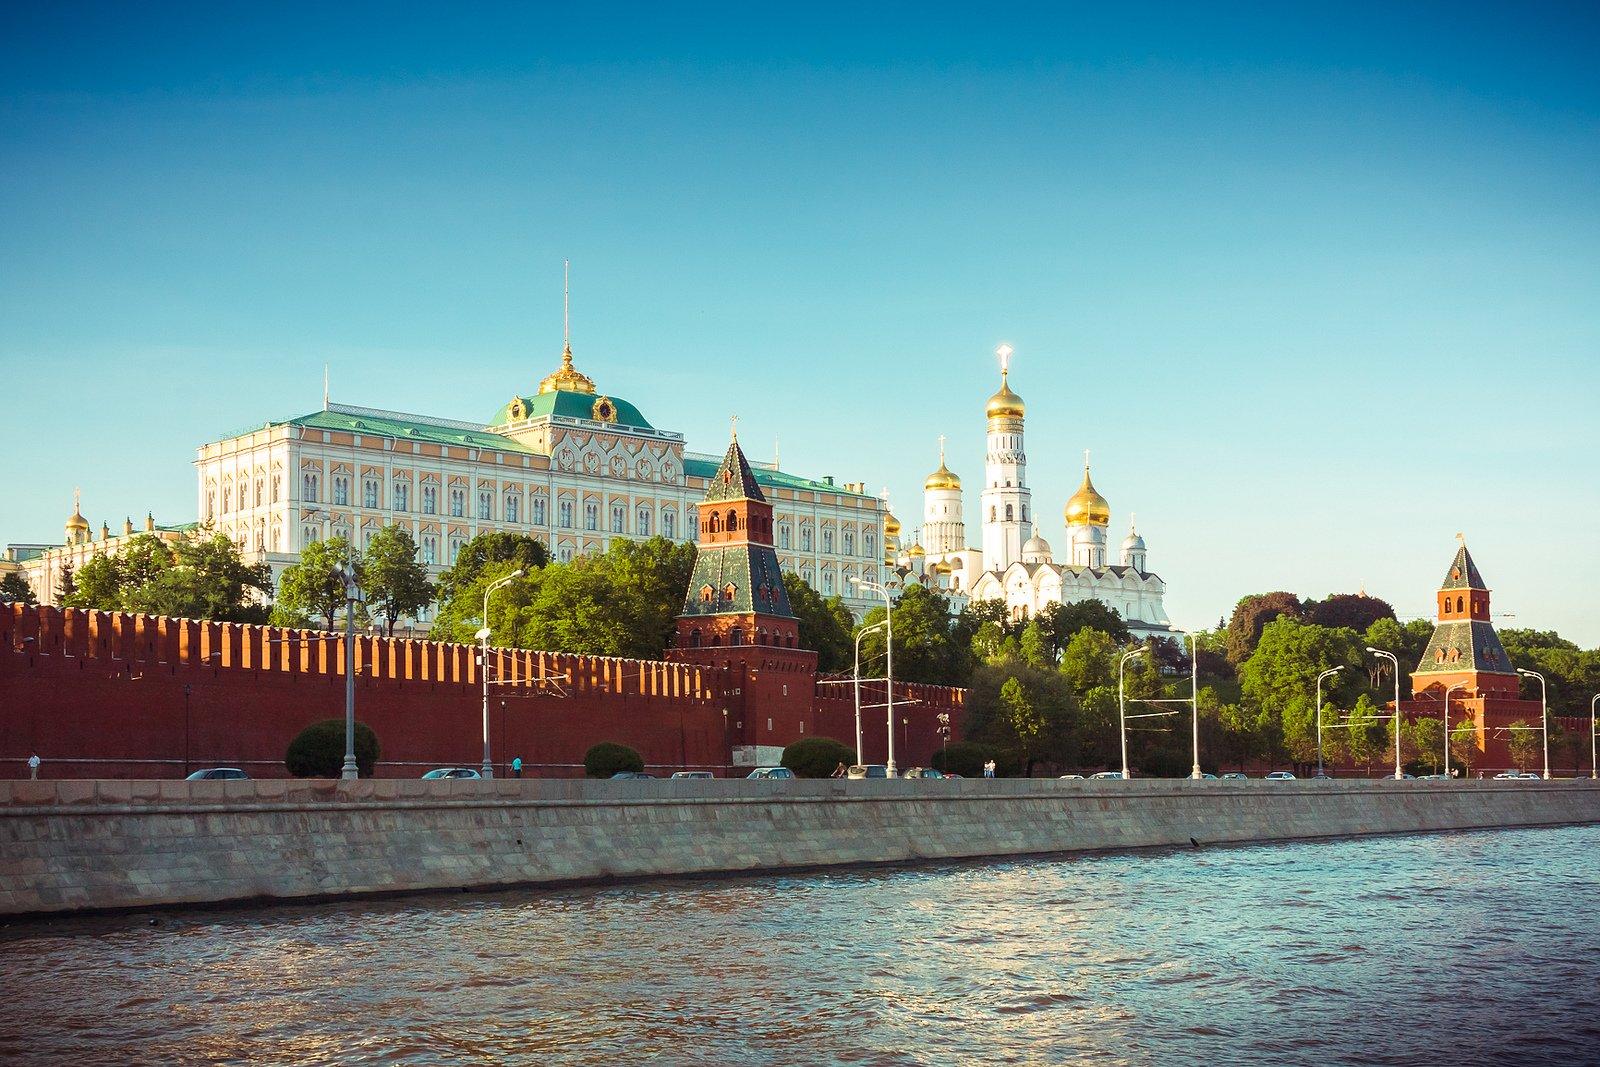 кремль фото и для чего он нужен вовсе обязательно